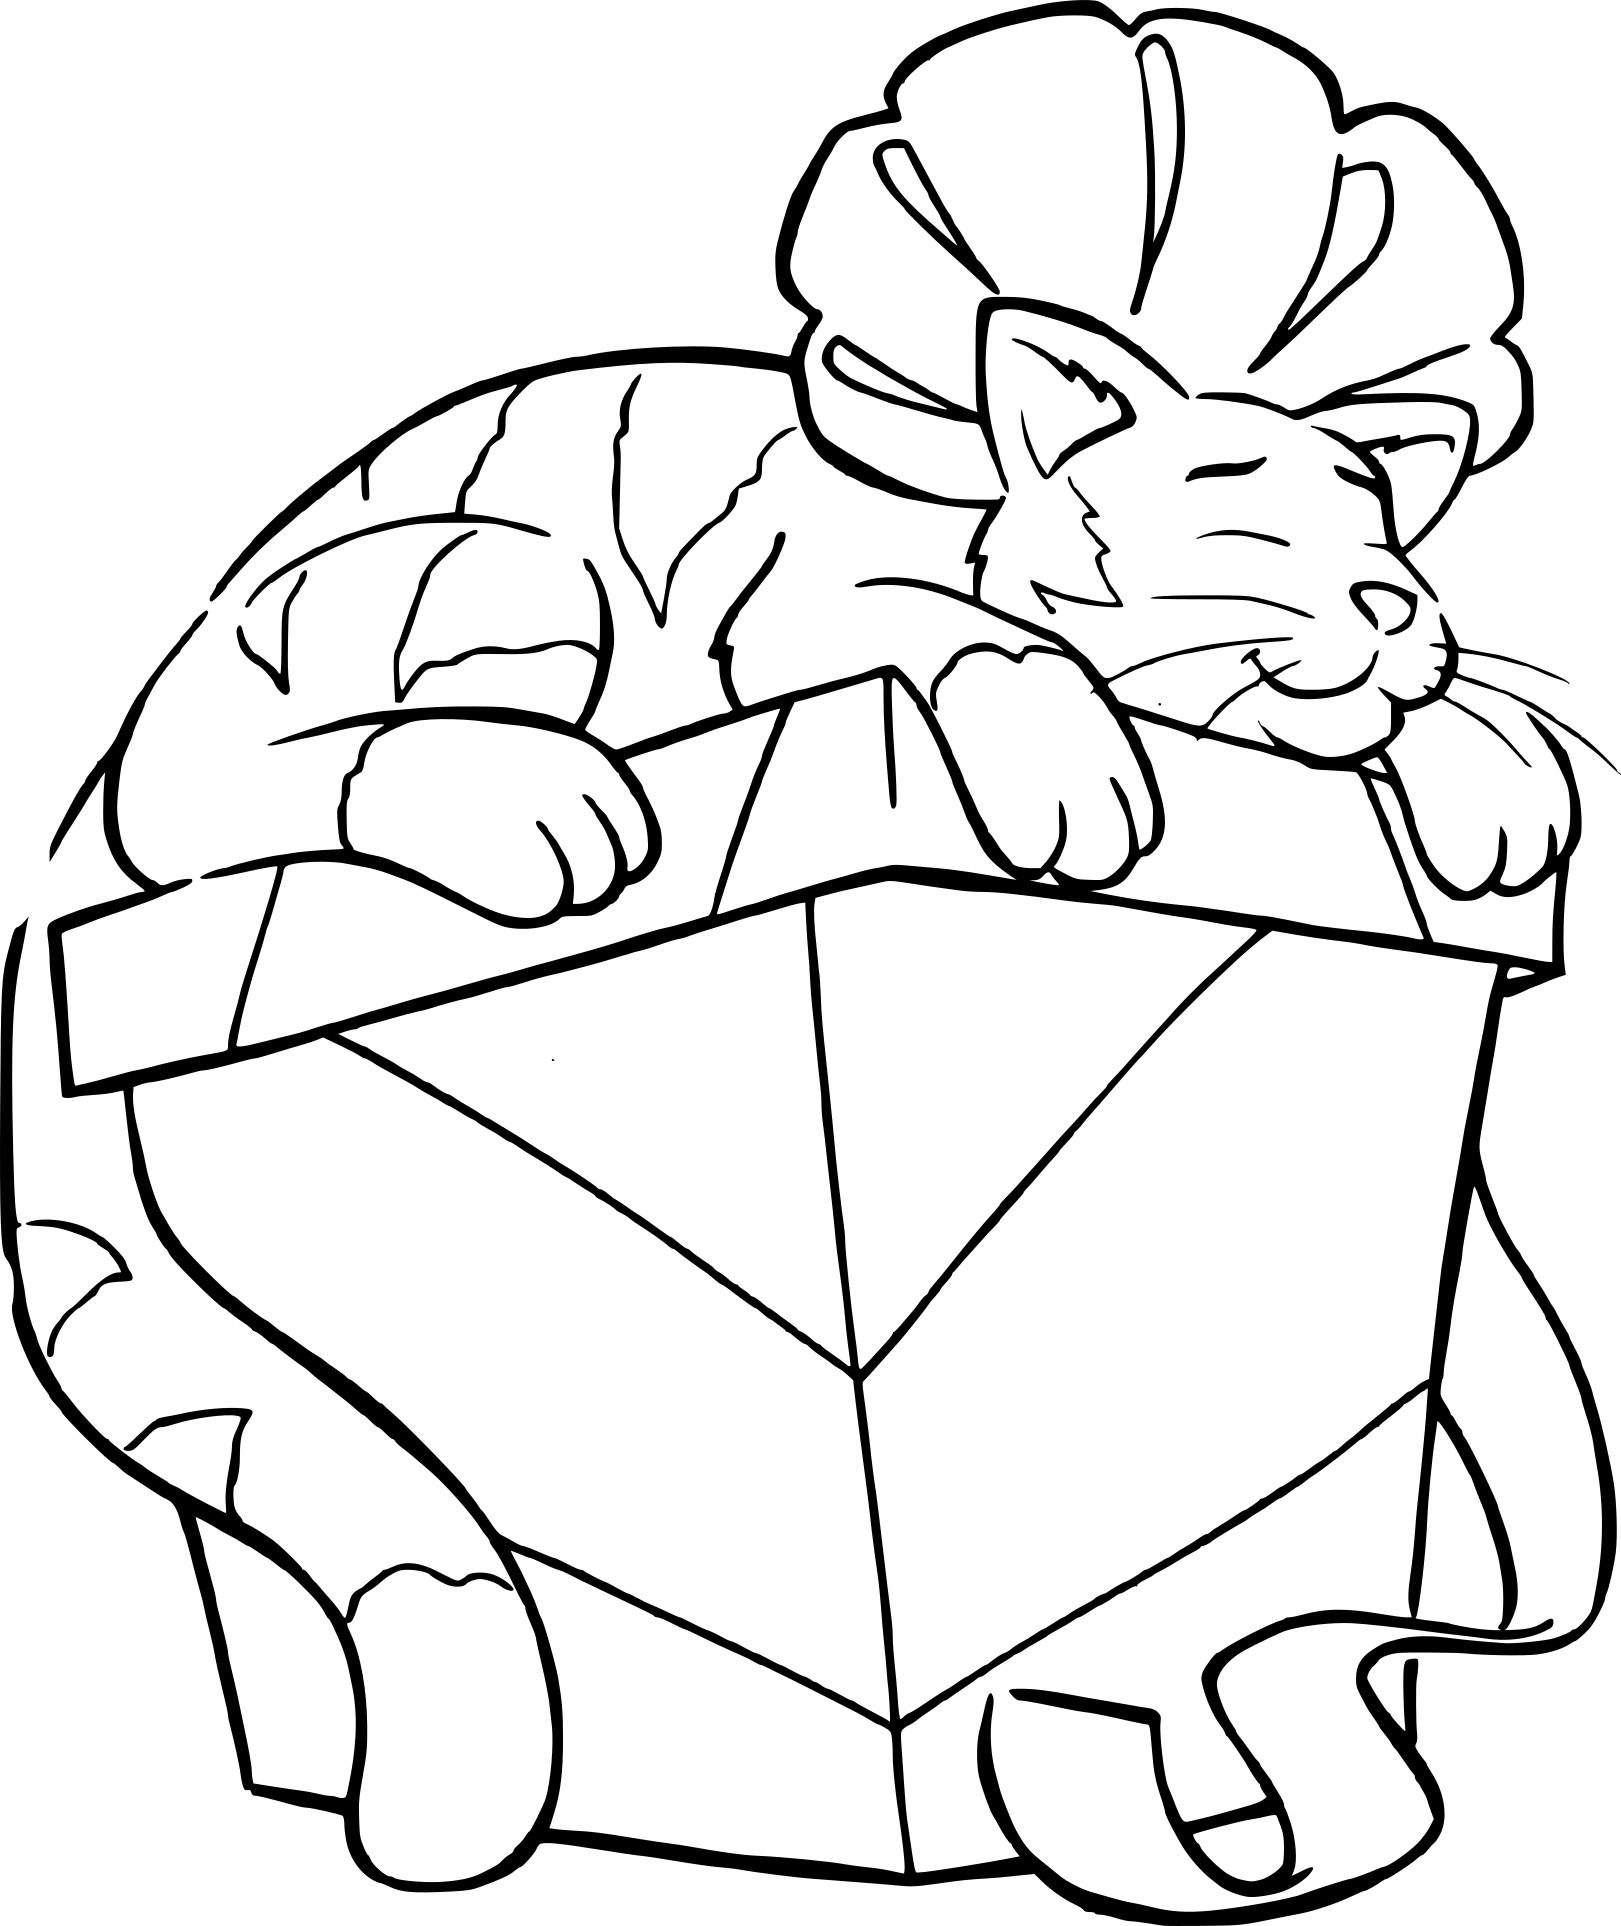 Coloriage Chat Noel.Coloriage Chat Dort Sur Un Cadeau De Noel A Imprimer